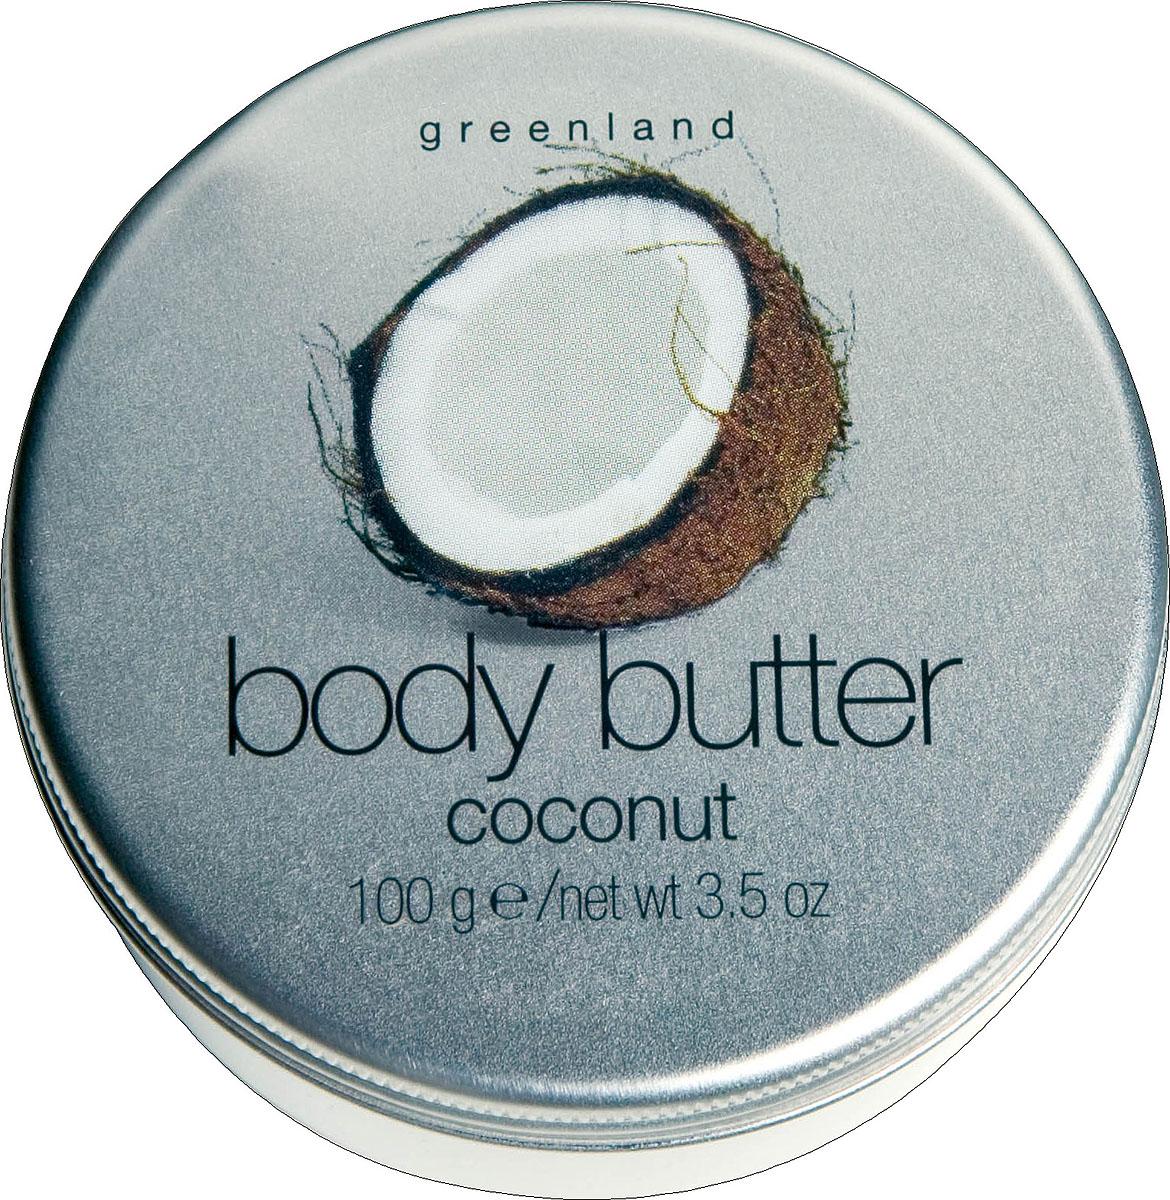 Greenland Крем для тела Balm & Butter, с кокосом, 100 мл0986-BB23Крем для тела глубоко увлажняет и питает кожу, делая ее более эластичной. Ощущение солнца, тепла и отдыха на райских островах подарит Вам аромат сладкого кокоса! Способ применения: Наносите на тело легкими массажными движениями.